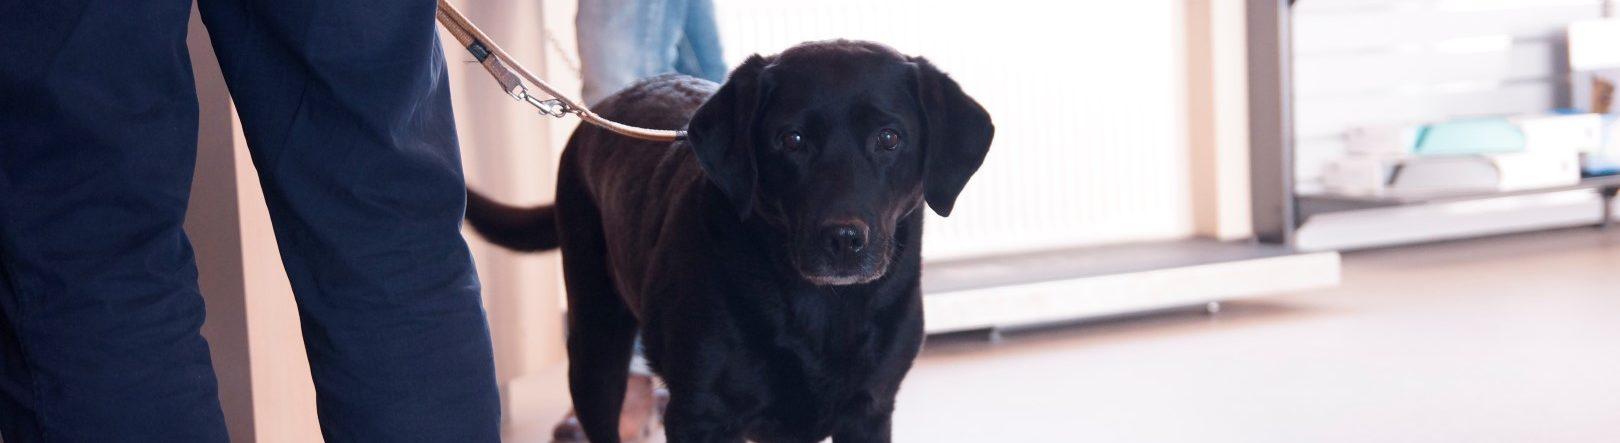 Dyrlæge Kolding – behandling af hund | Dyrlægehuset Kolding